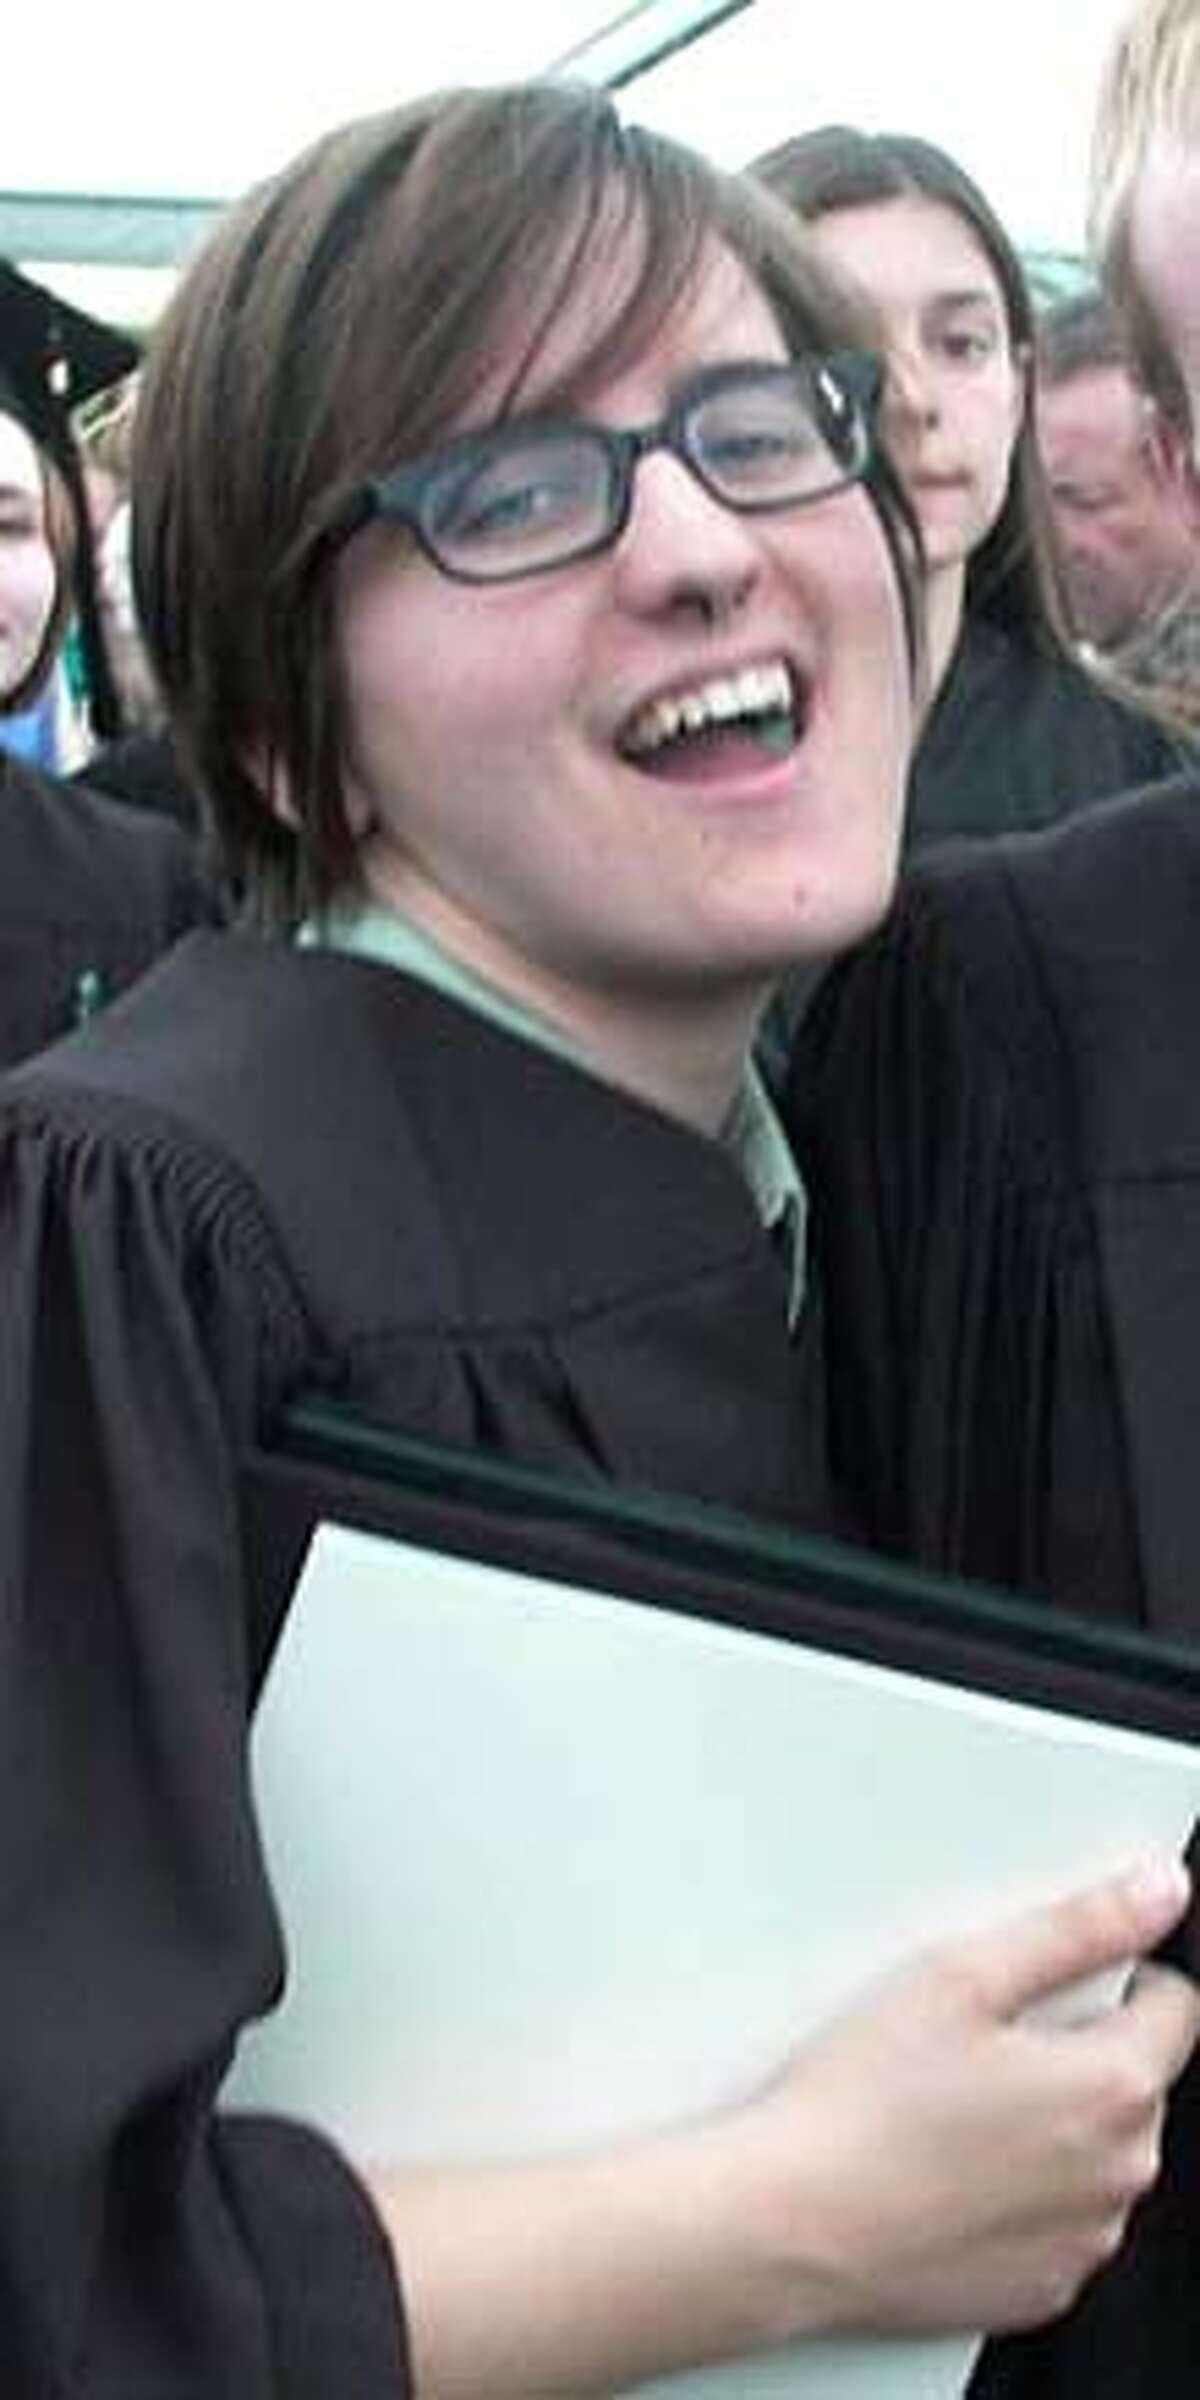 Obituary photo of Sarah Tucker.